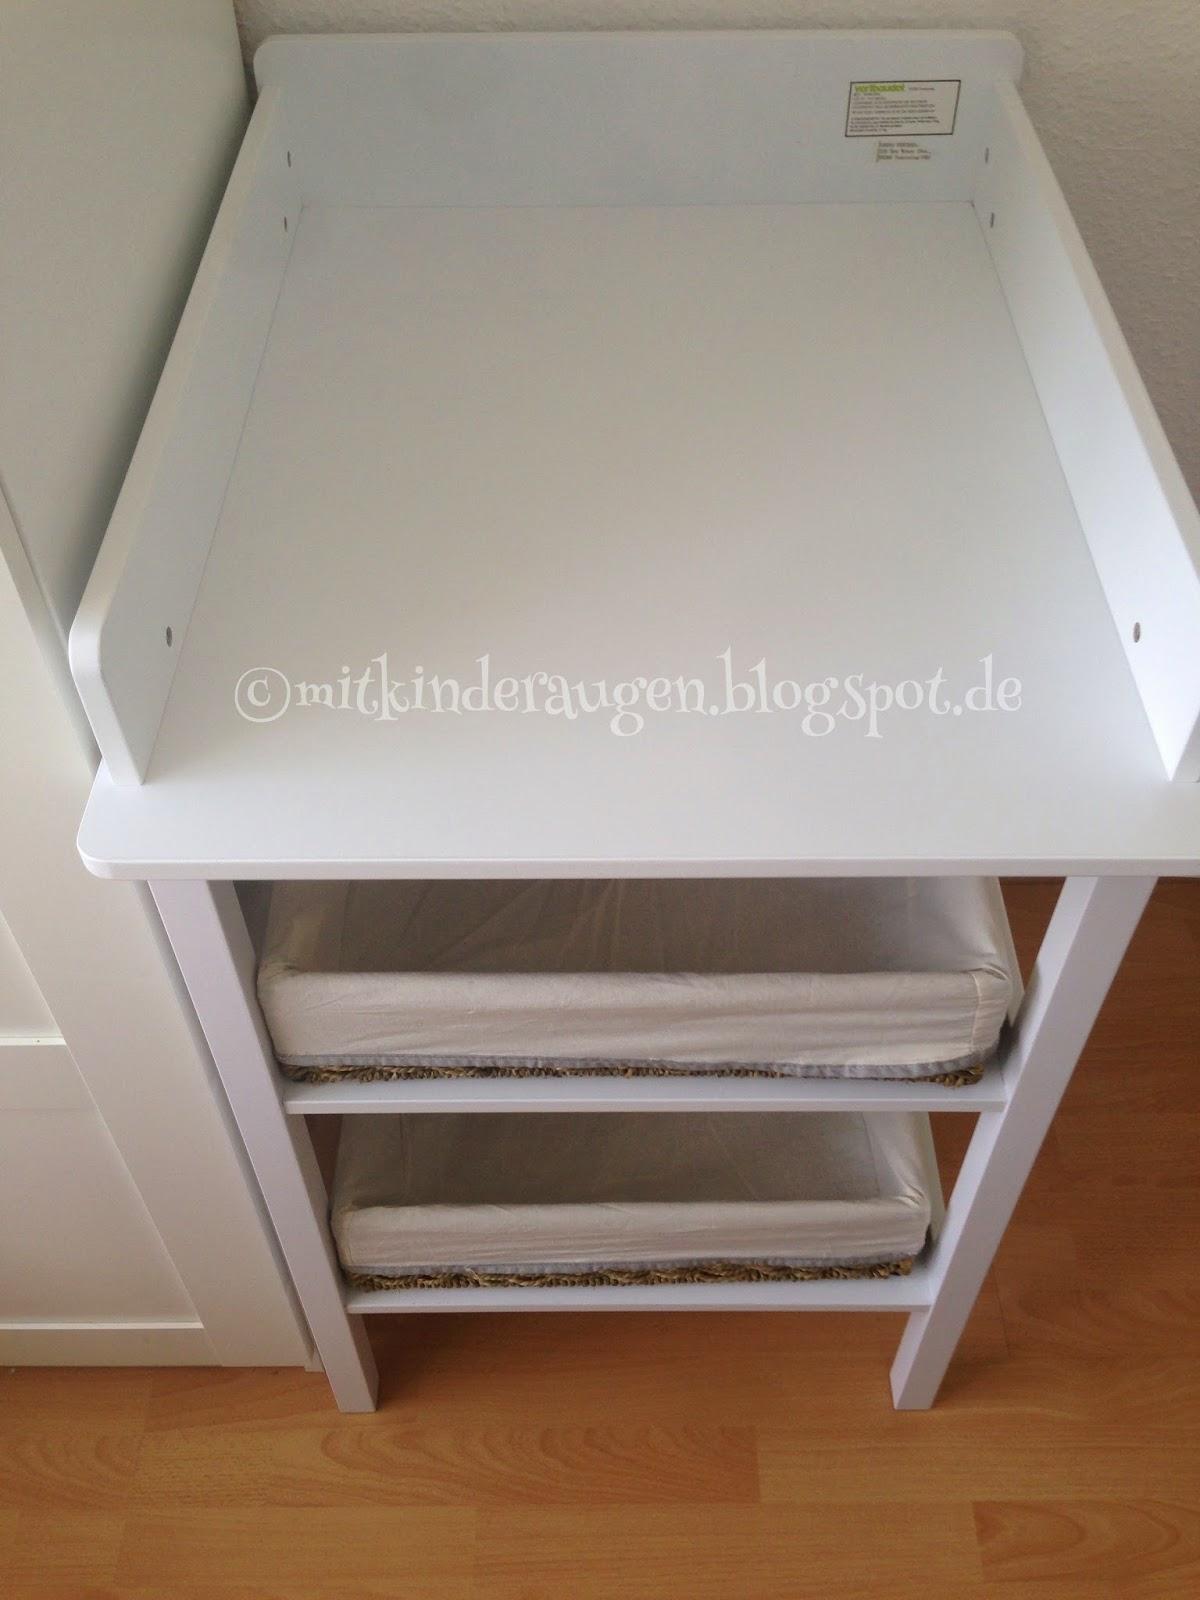 mit kinderaugen familien und reise blog schmal und praktisch unser neuer wickeltisch. Black Bedroom Furniture Sets. Home Design Ideas